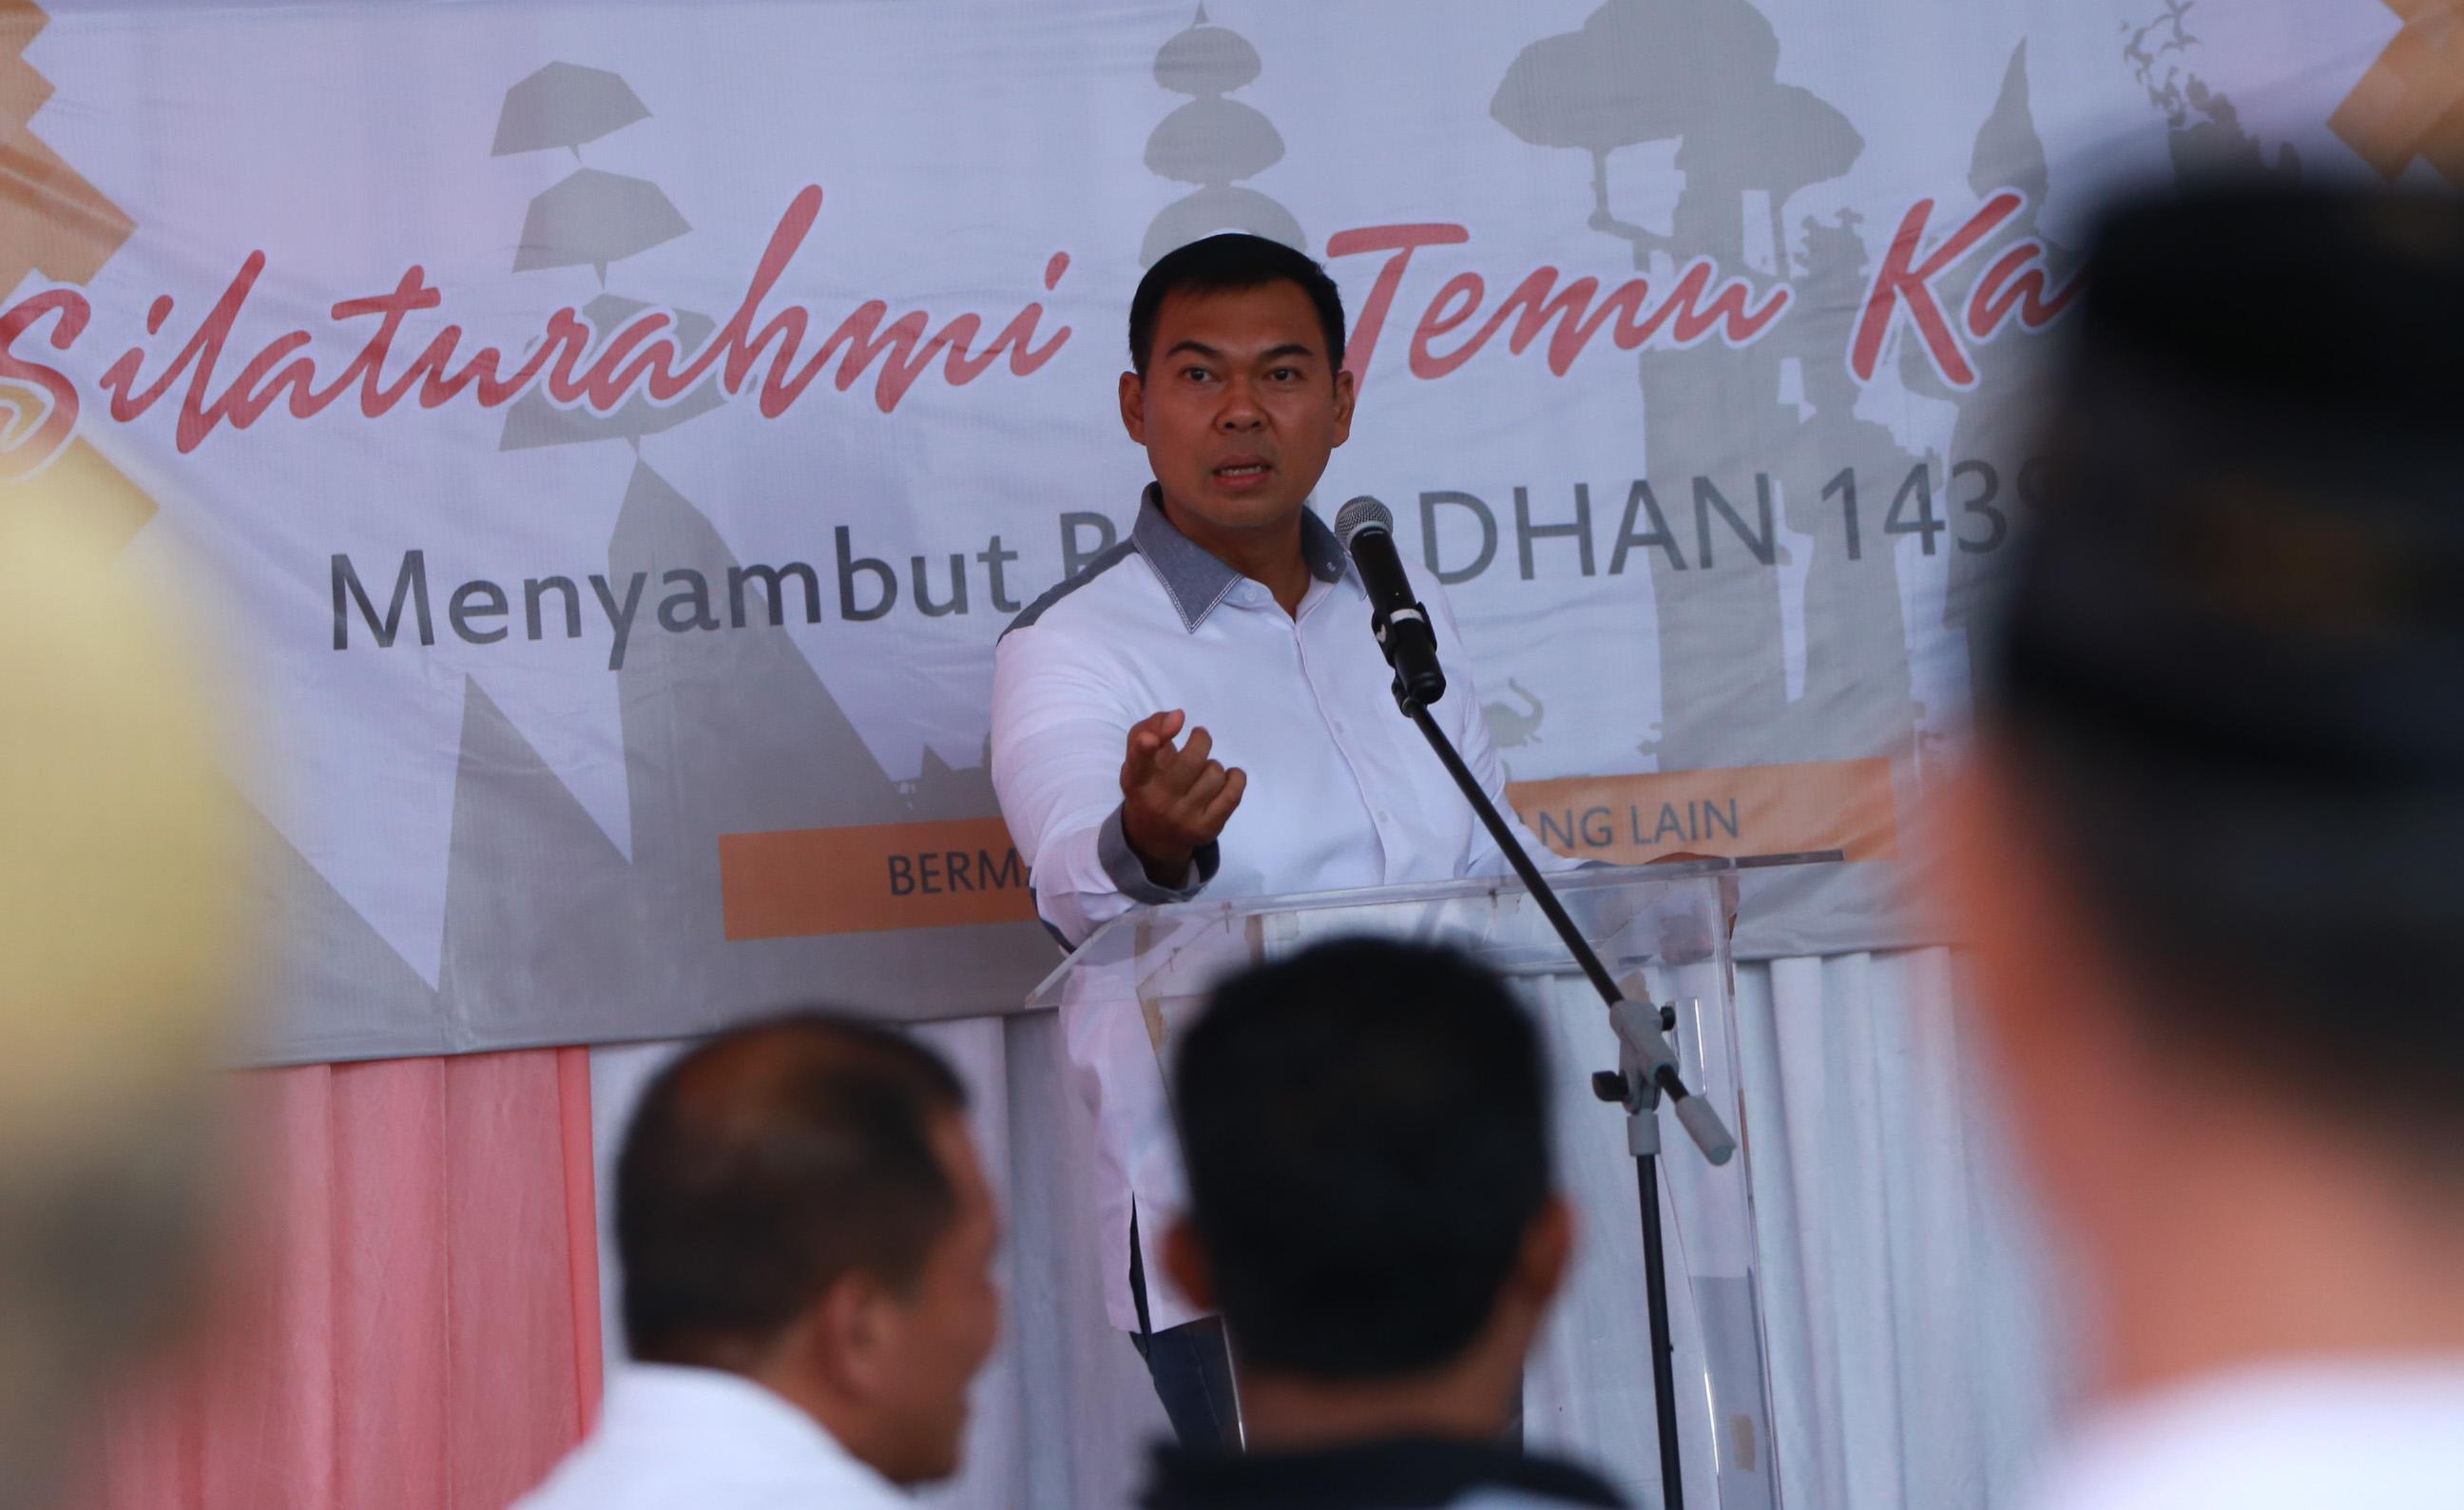 Rycko Menoza Silaturahmi dengan Lampung Sai, Pemuda Pancasila dan Mantan Pejabat Lamsel